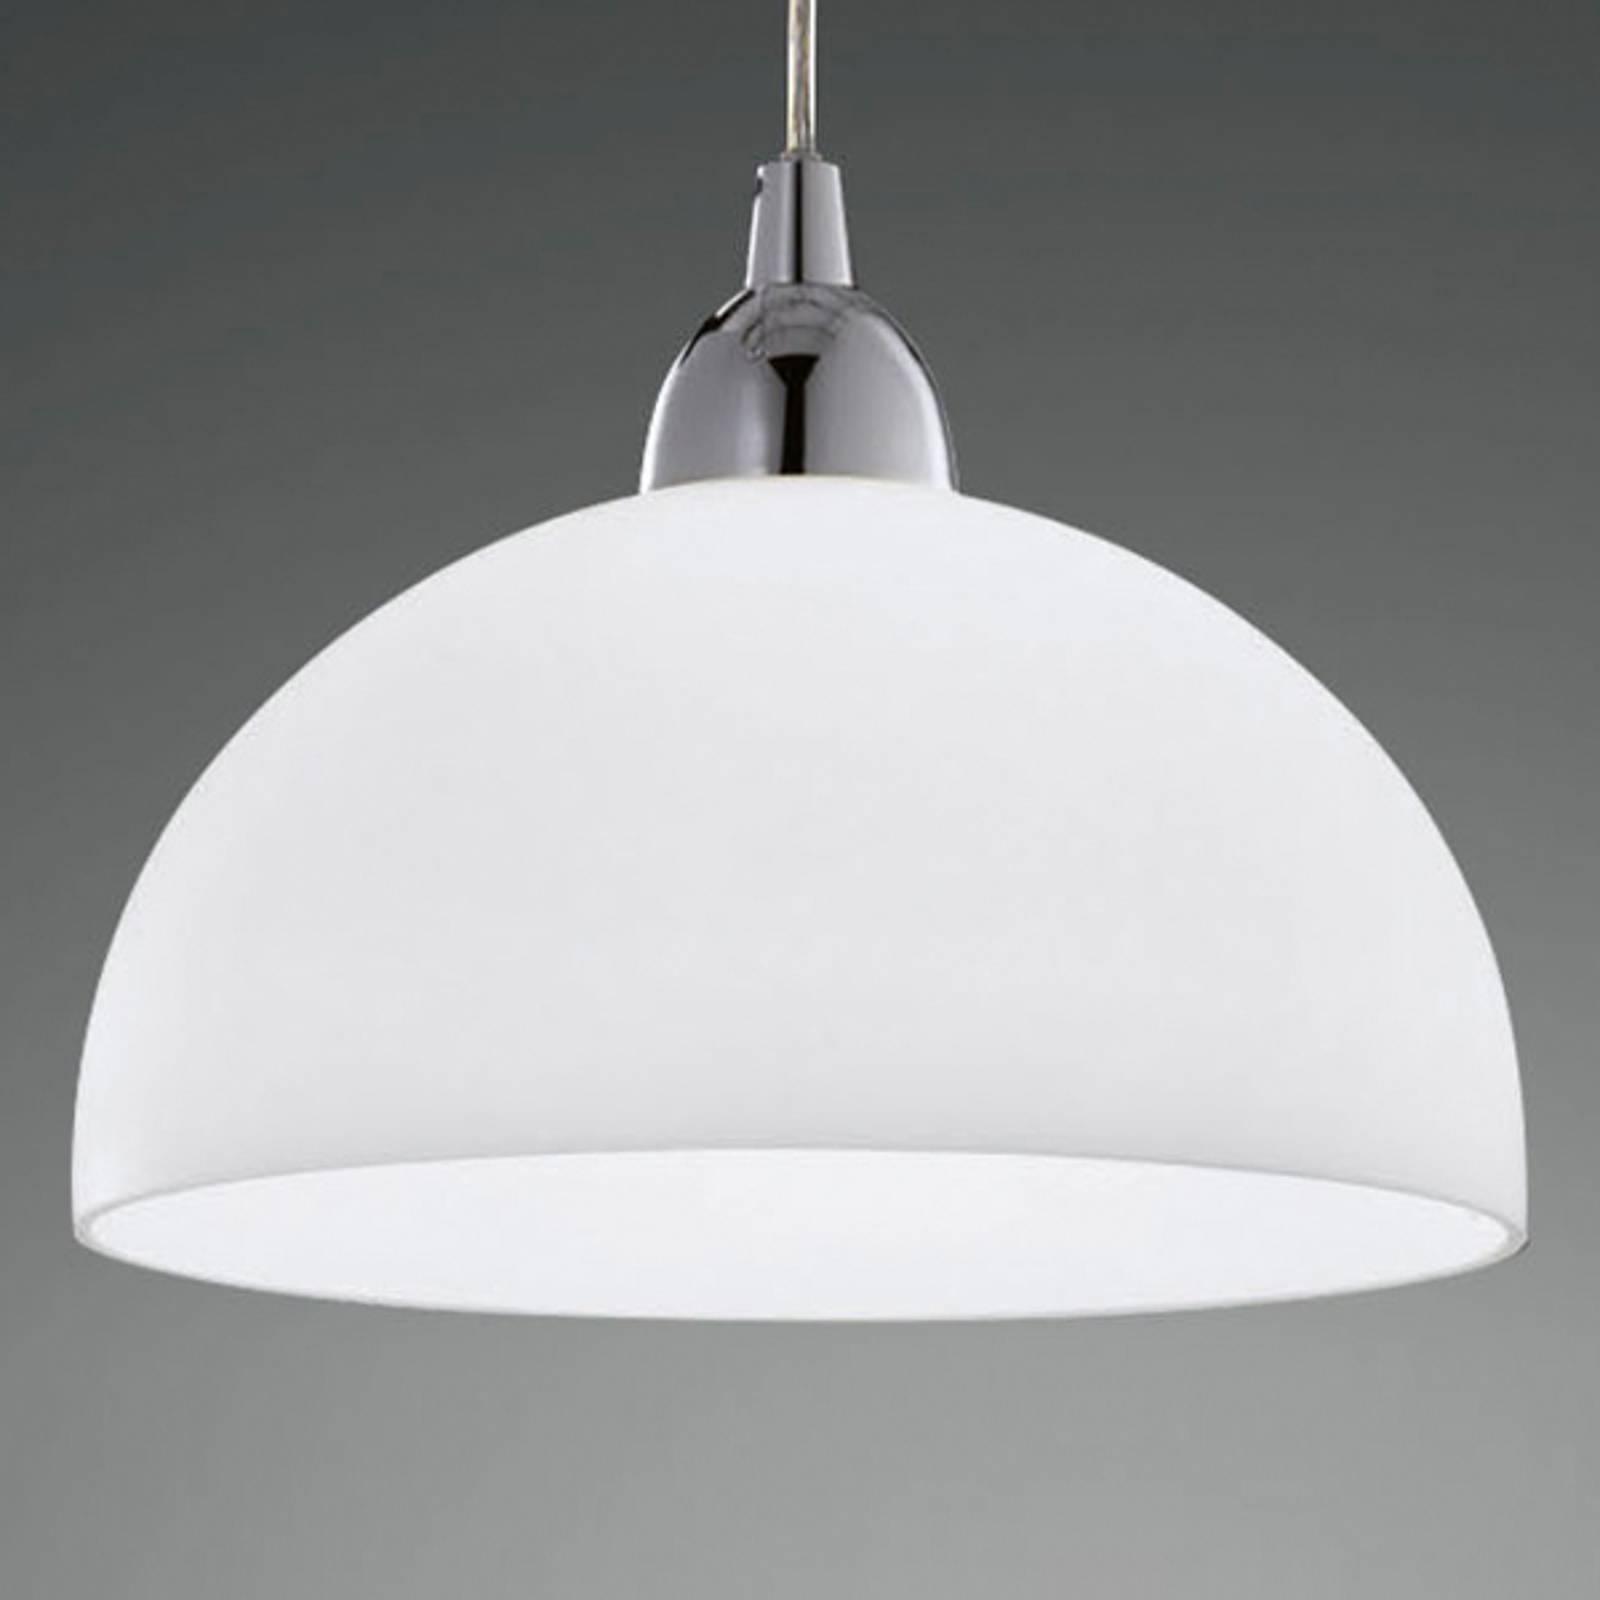 Lampa wisząca Nice, szklany klosz, biała, 26cm